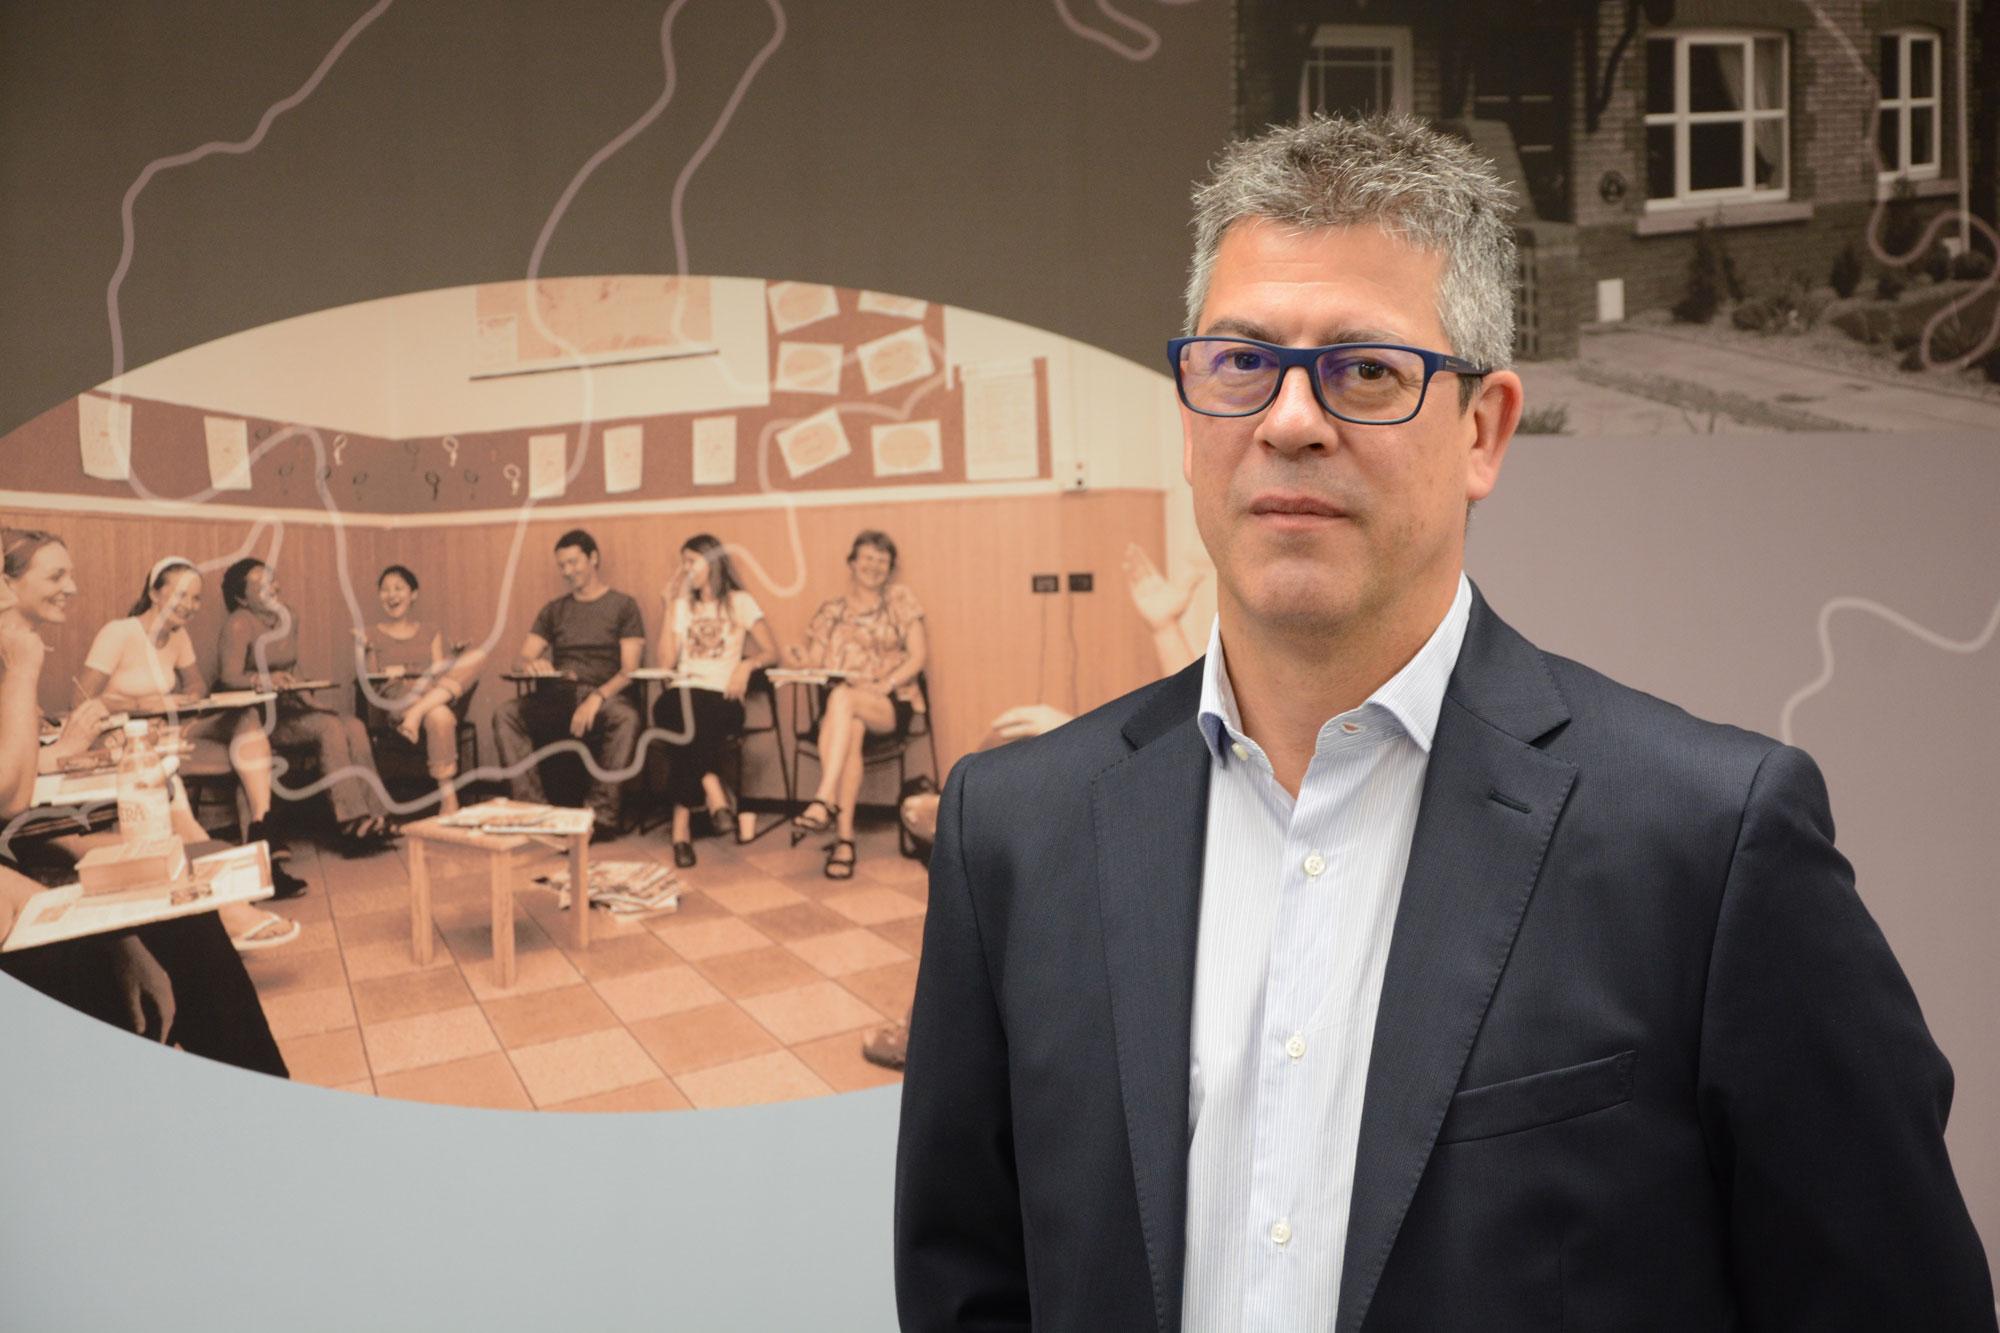 Fernando Elizalde - Kells School - Academia de idiomas en Santander